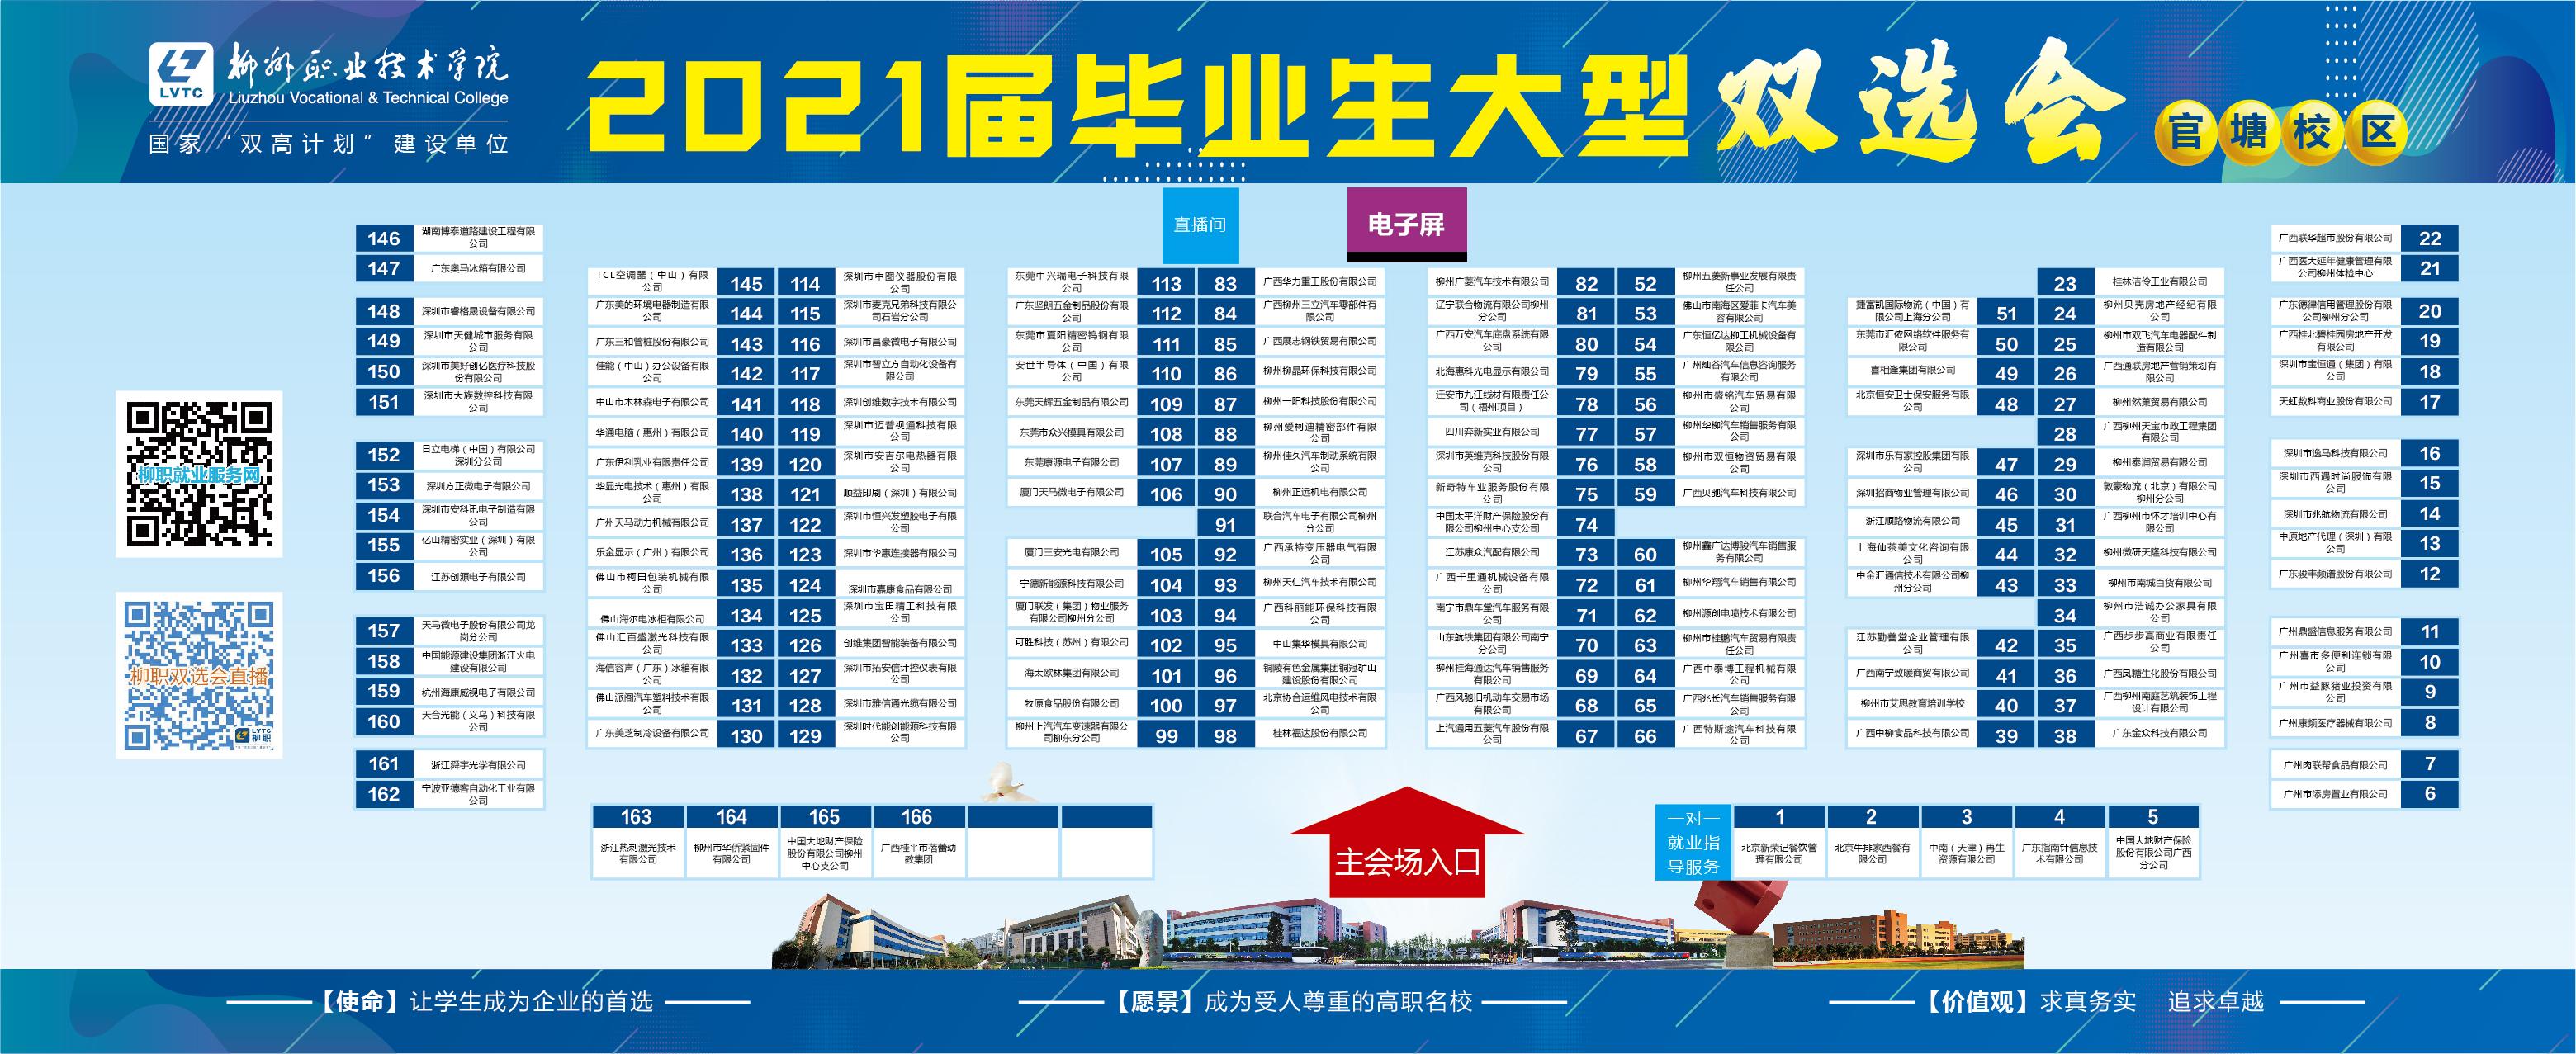 大背景官塘-01 (1).jpg